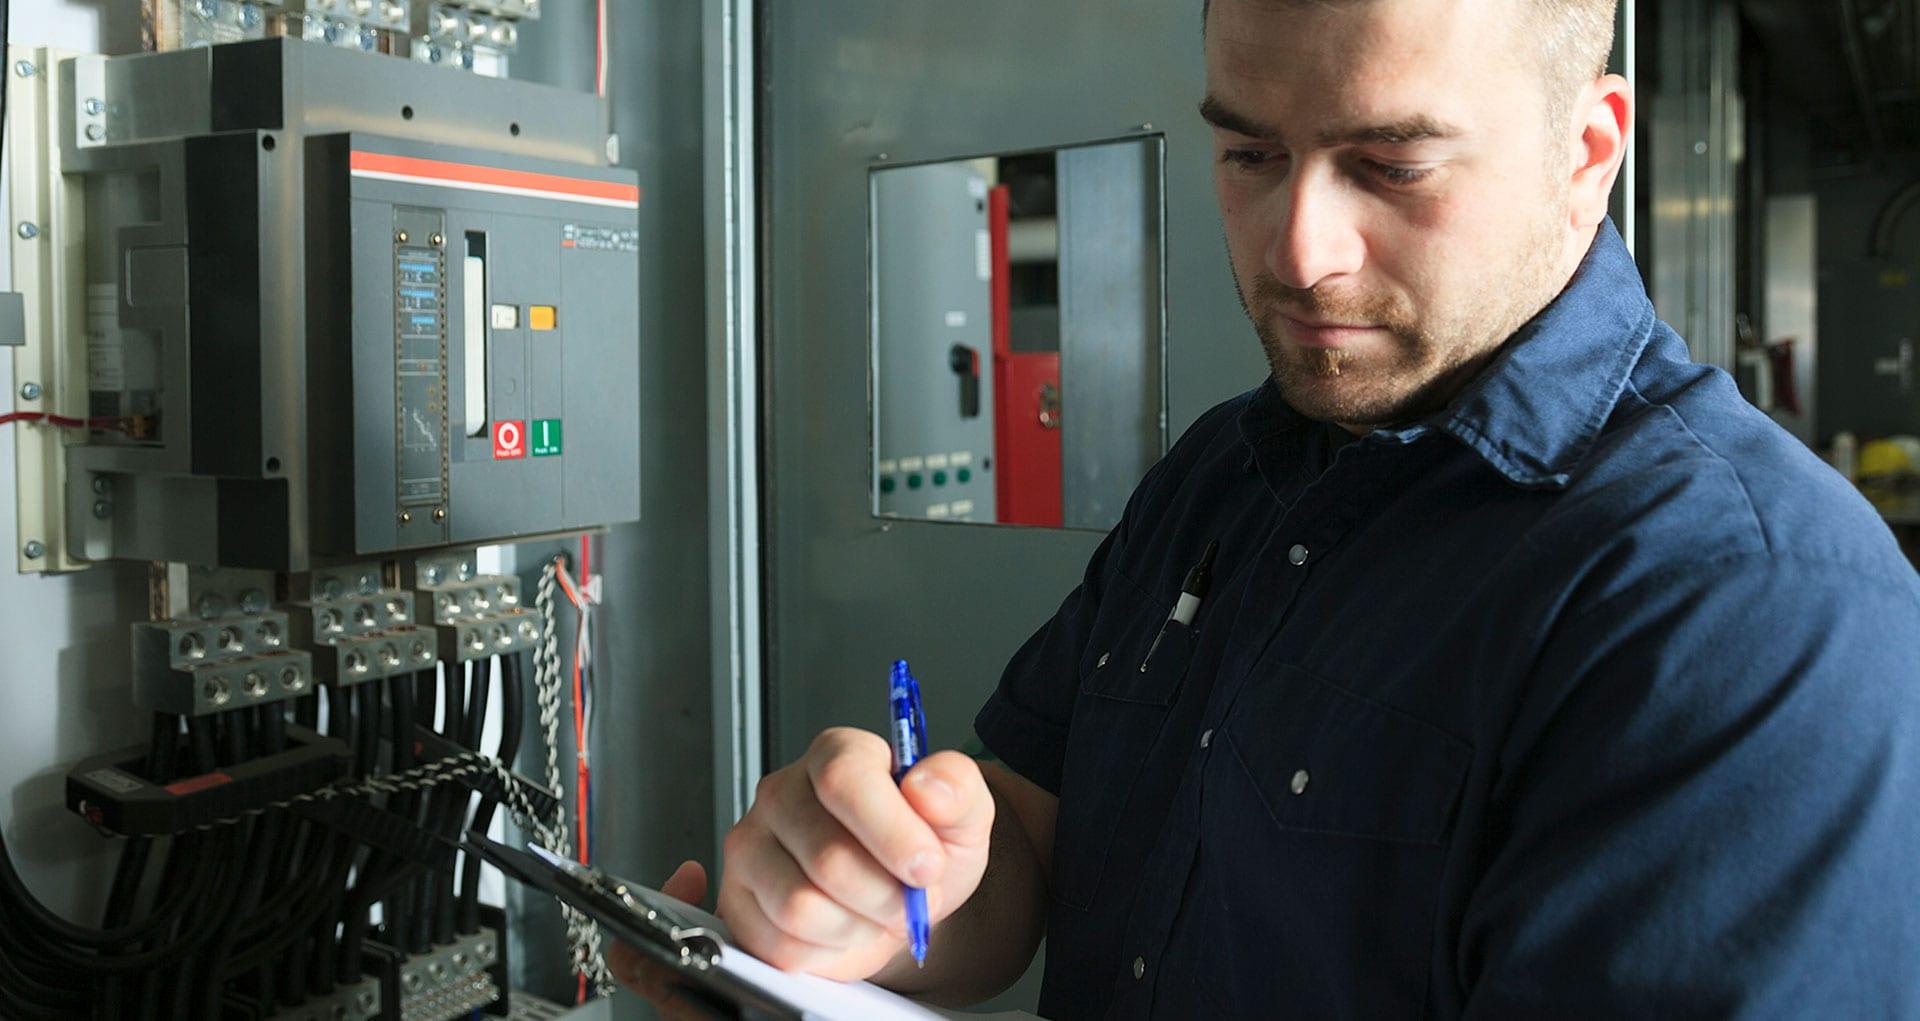 Elektriker utfører el-sjekk